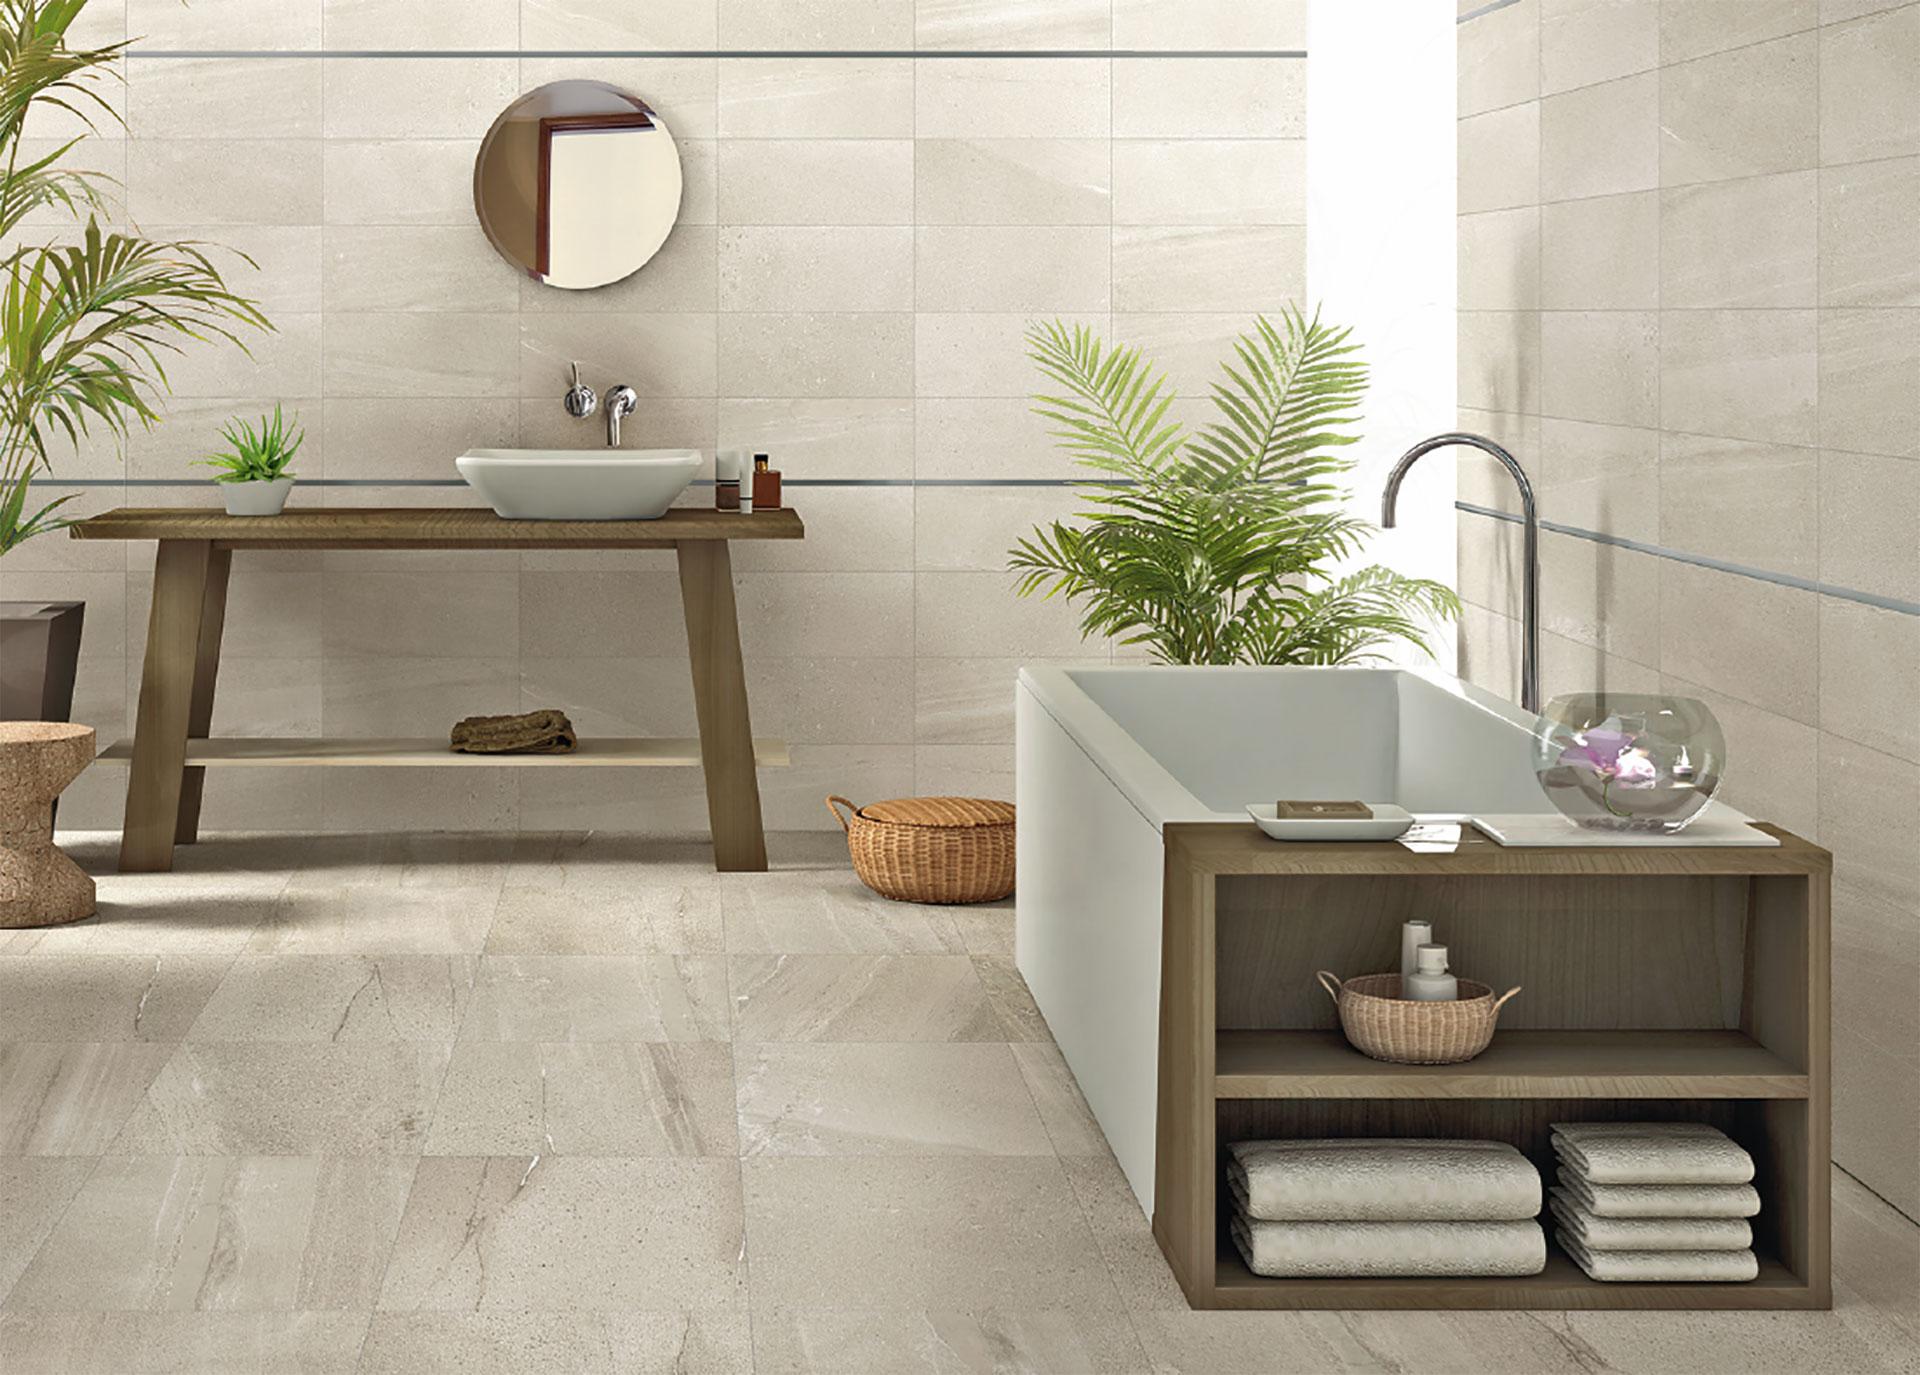 Bad Und Küche, Das Klassische Und Moderne Design Von Iris Ceramica